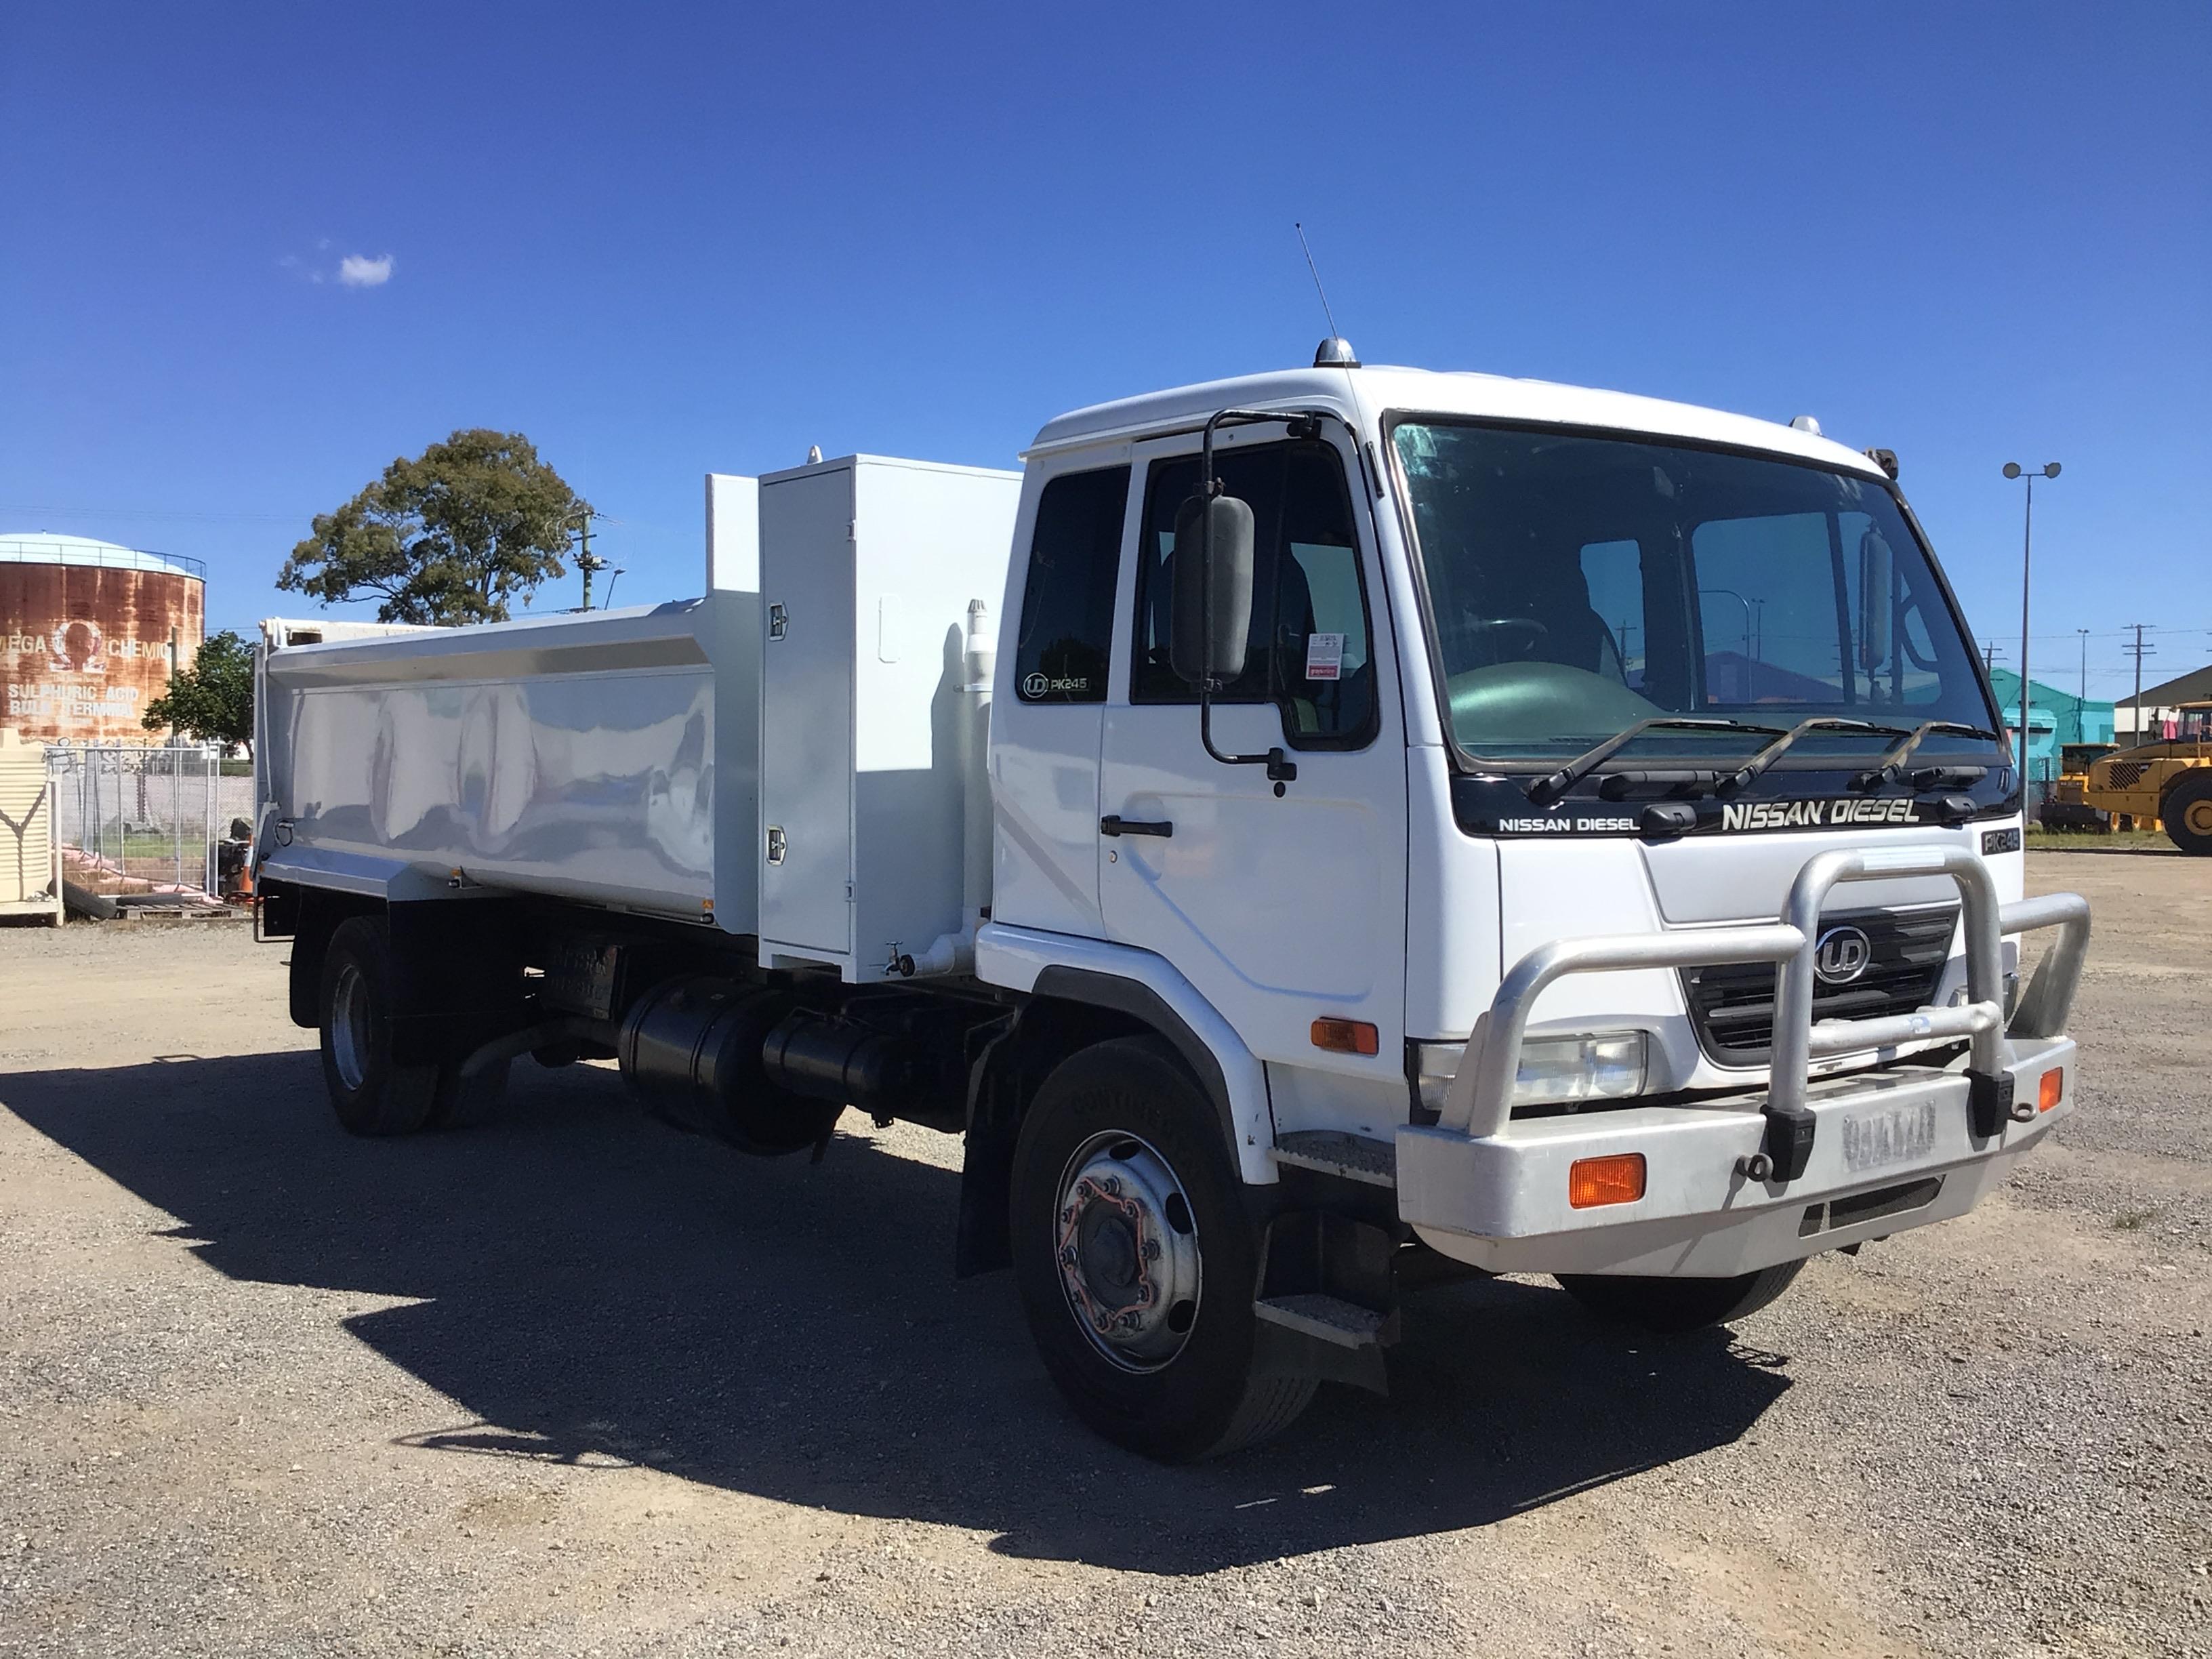 2004 UD Nissan Diesel PKC215 4 x 2 Tipper Truck